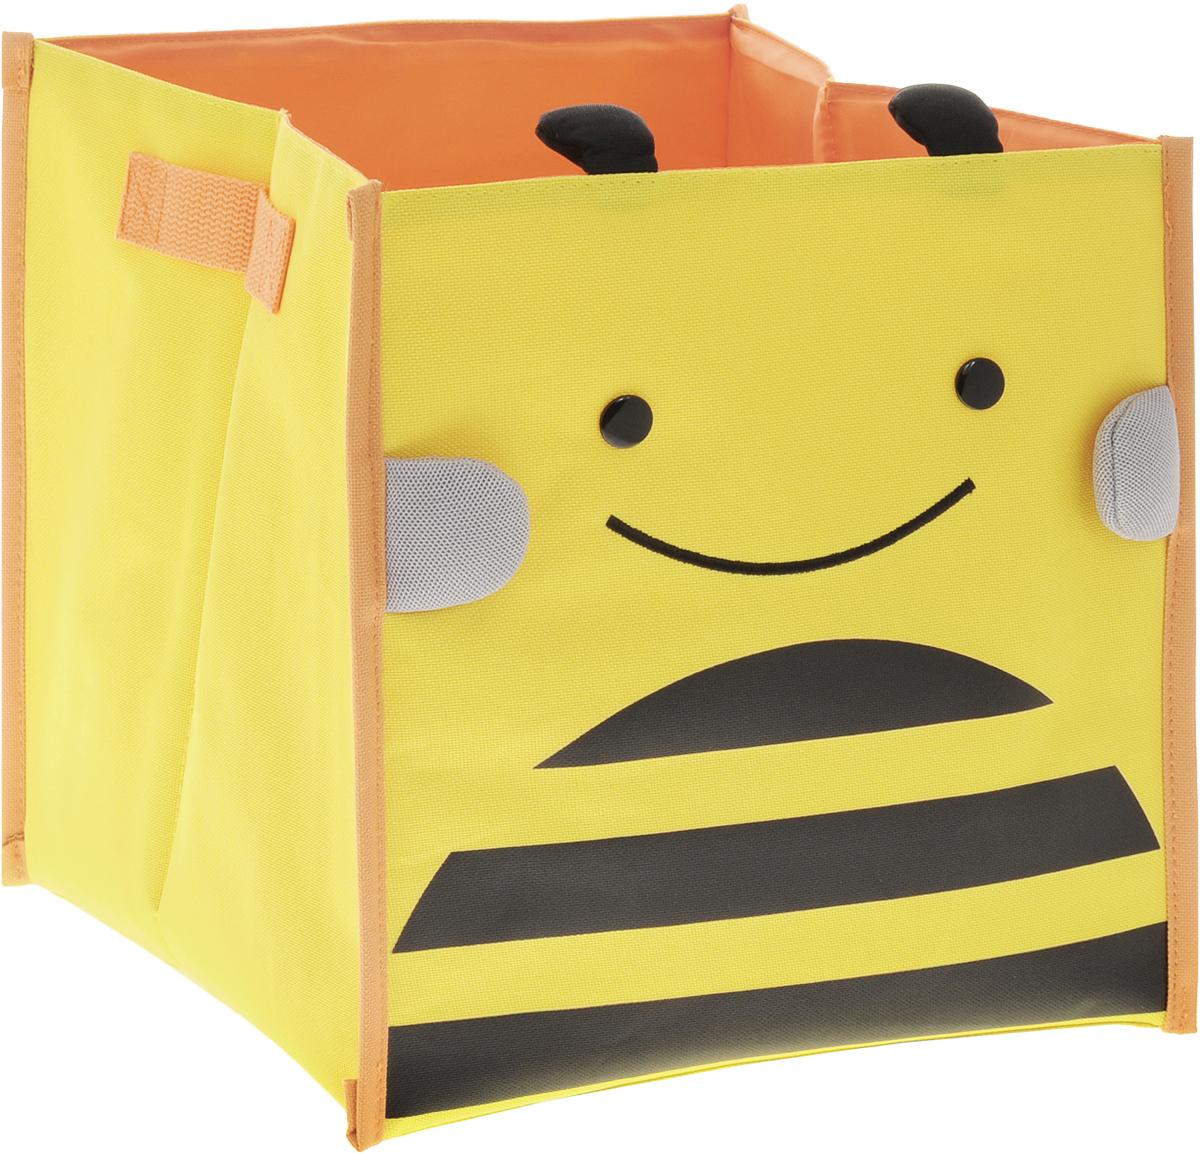 Bradex Короб для хранения ПчелкаDE 0230Короб для хранения Bradex Пчелка привлечет вас своим ярким дизайном. Короб предназначен для хранения небольших детских вещей: игрушек, канцтоваров, одежды и обуви. По бокам изделие имеет небольшие текстильные ручки для удобной переноски. Короб освободит место в квартире и украсит любую детскую комнату.